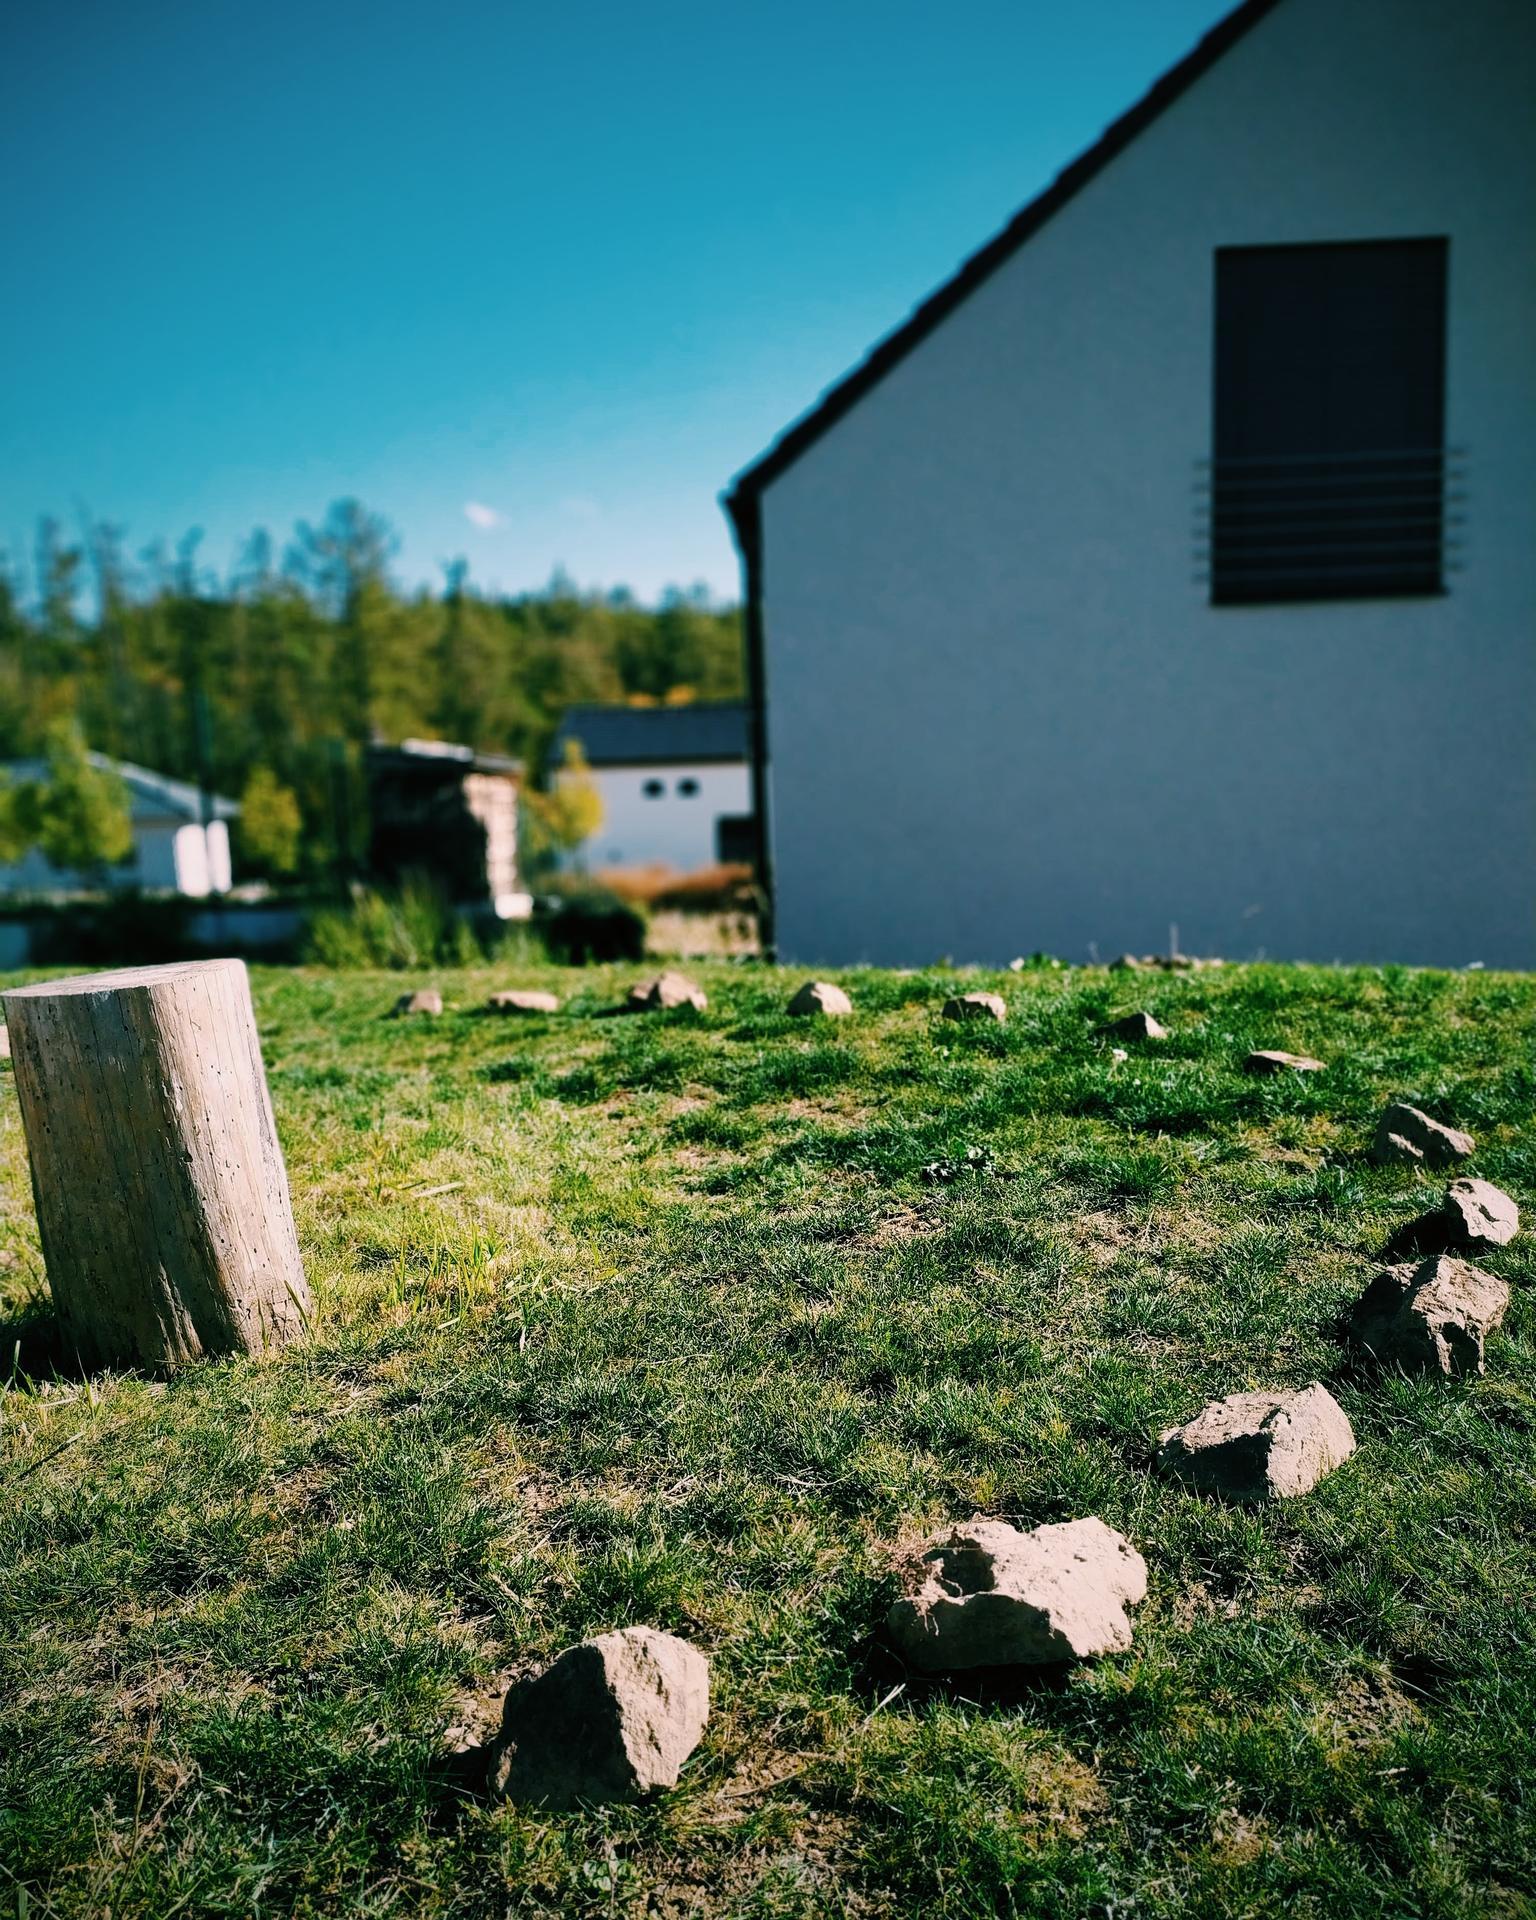 Náš domov ve svahu - Jeden z plánů pro tento rok je určitě dodělat ohniště. Vedle ohniště bude velký pohledový kovový dřevník, který bude zároveň sloužit jako část živého plotu.